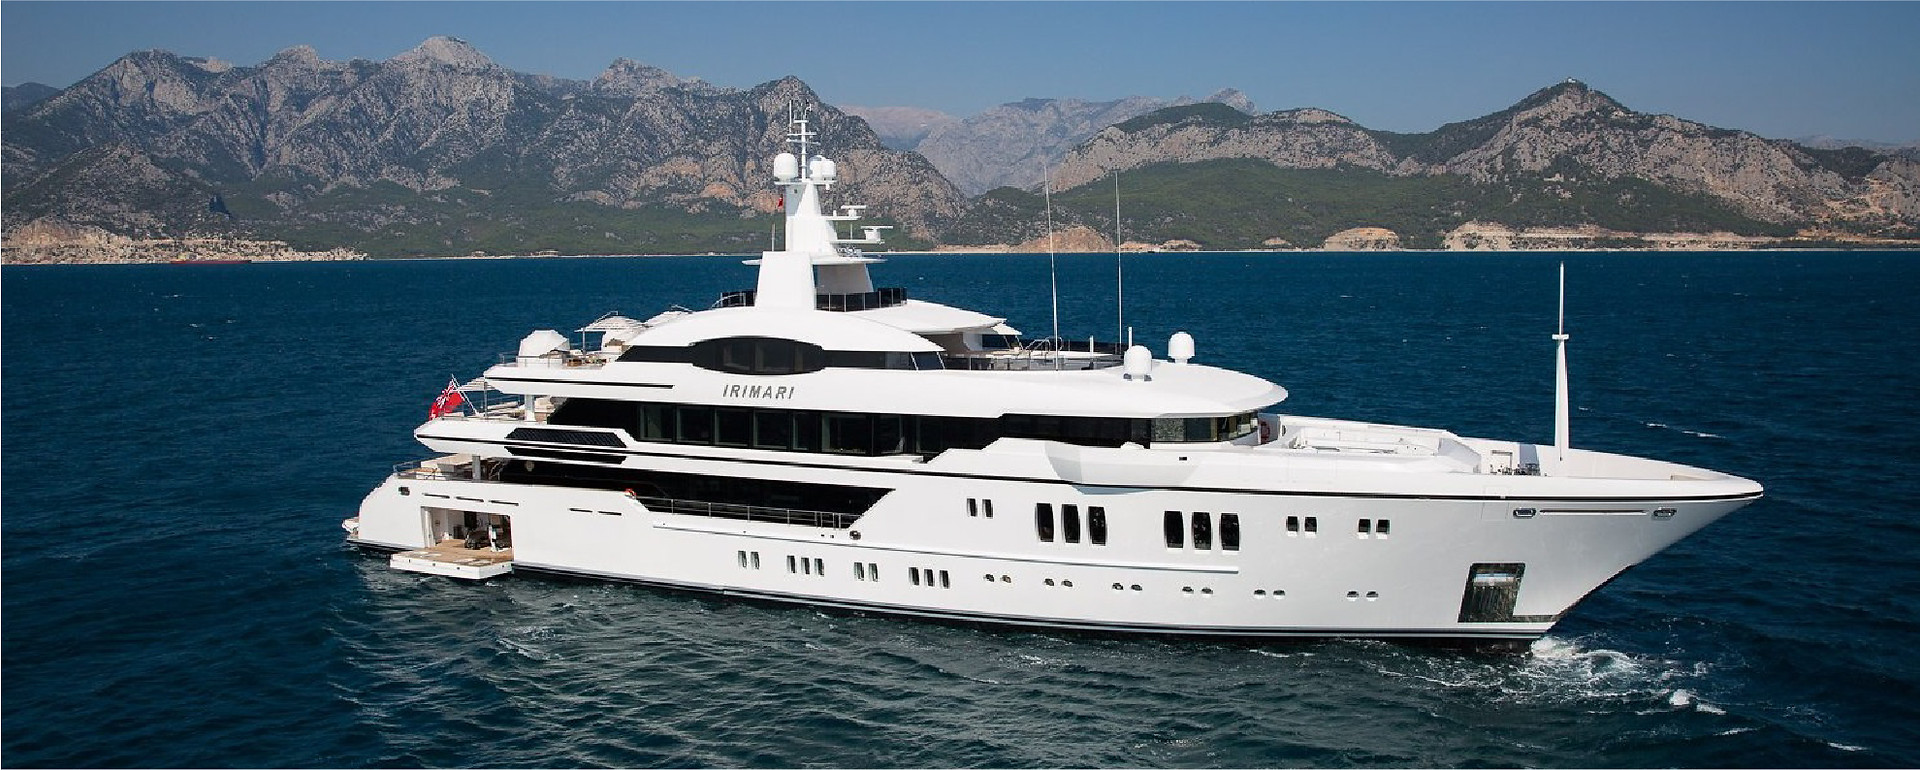 Sunrise Yachts Irimari_website-04.jpg